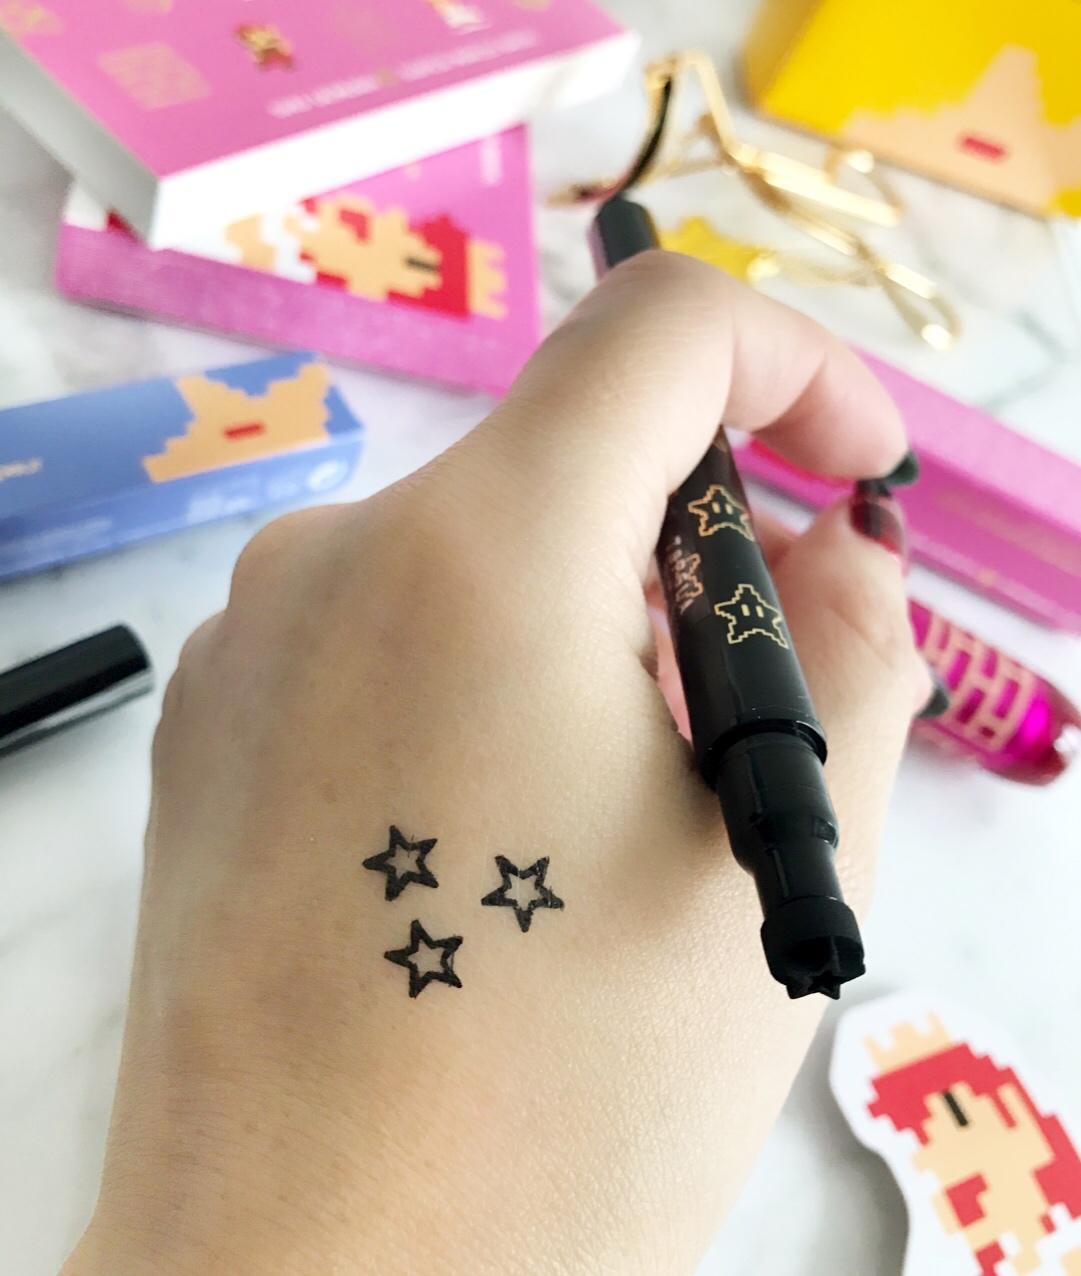 Shu Uemura Dual Stamp-Me Liner